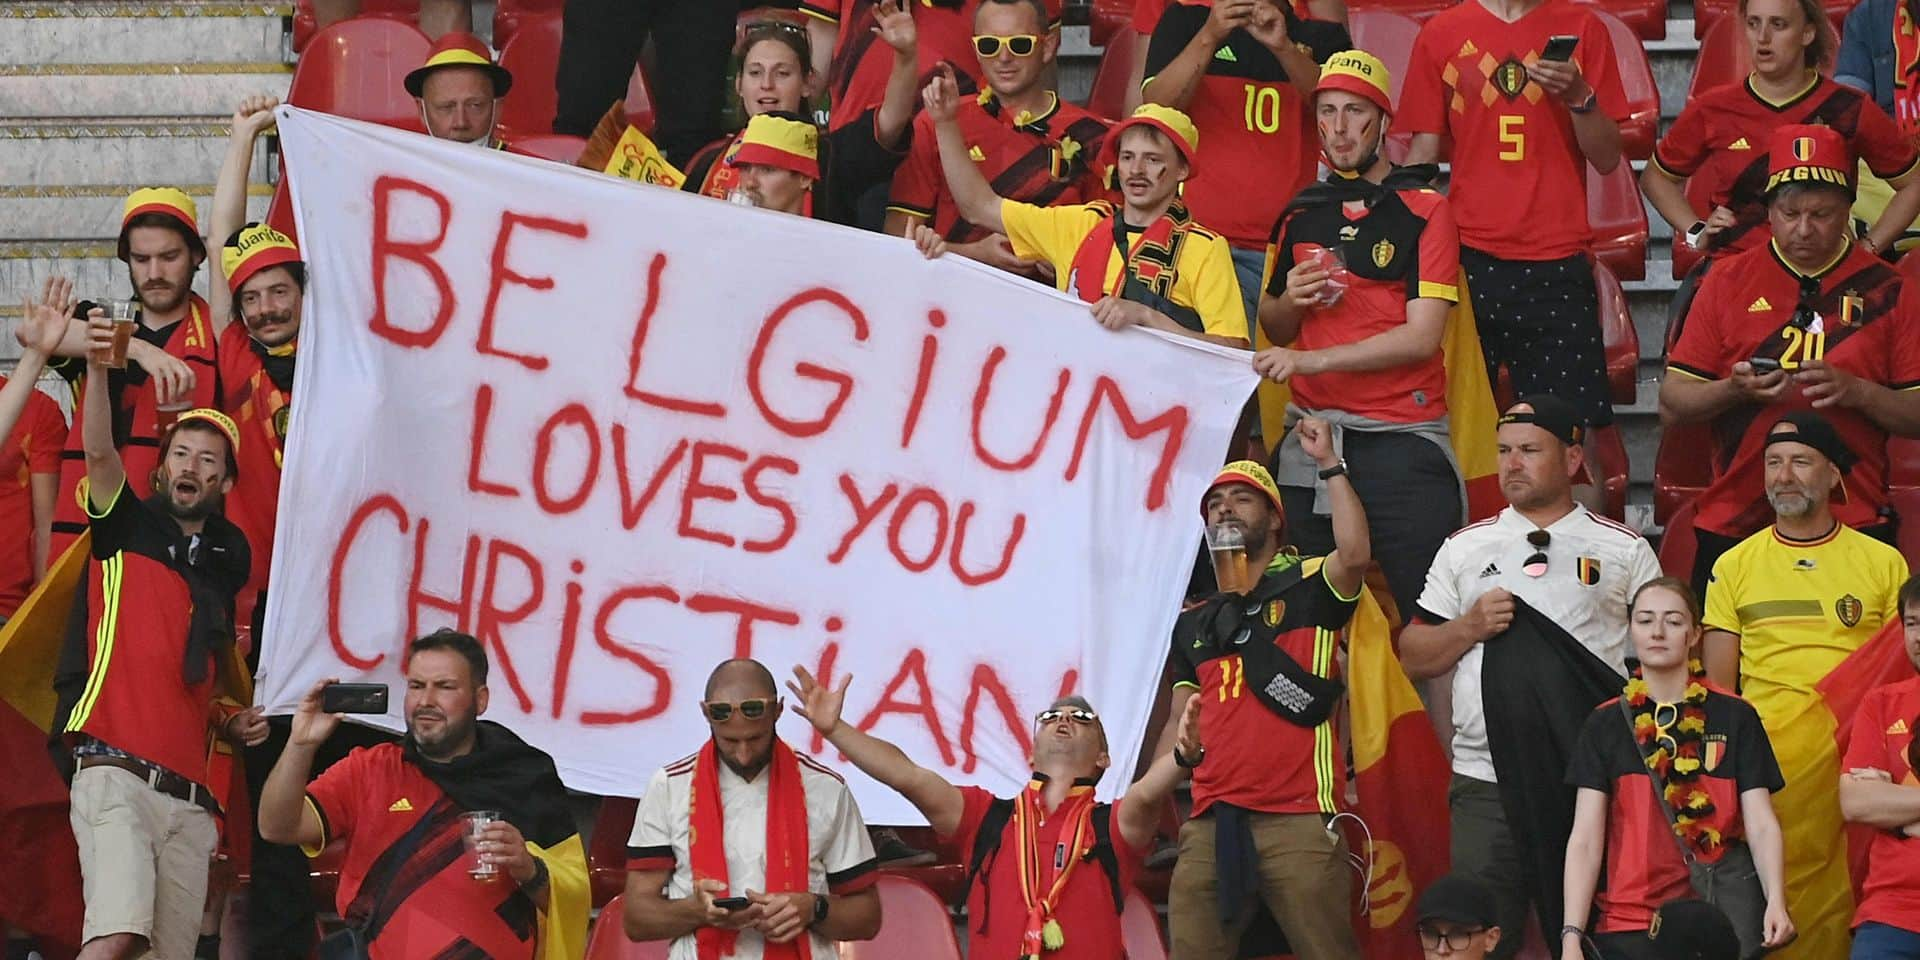 Drapeaux, banderoles, maillot géant lors du match Danemark Belgique en hommage à Eriksen (PHOTO)